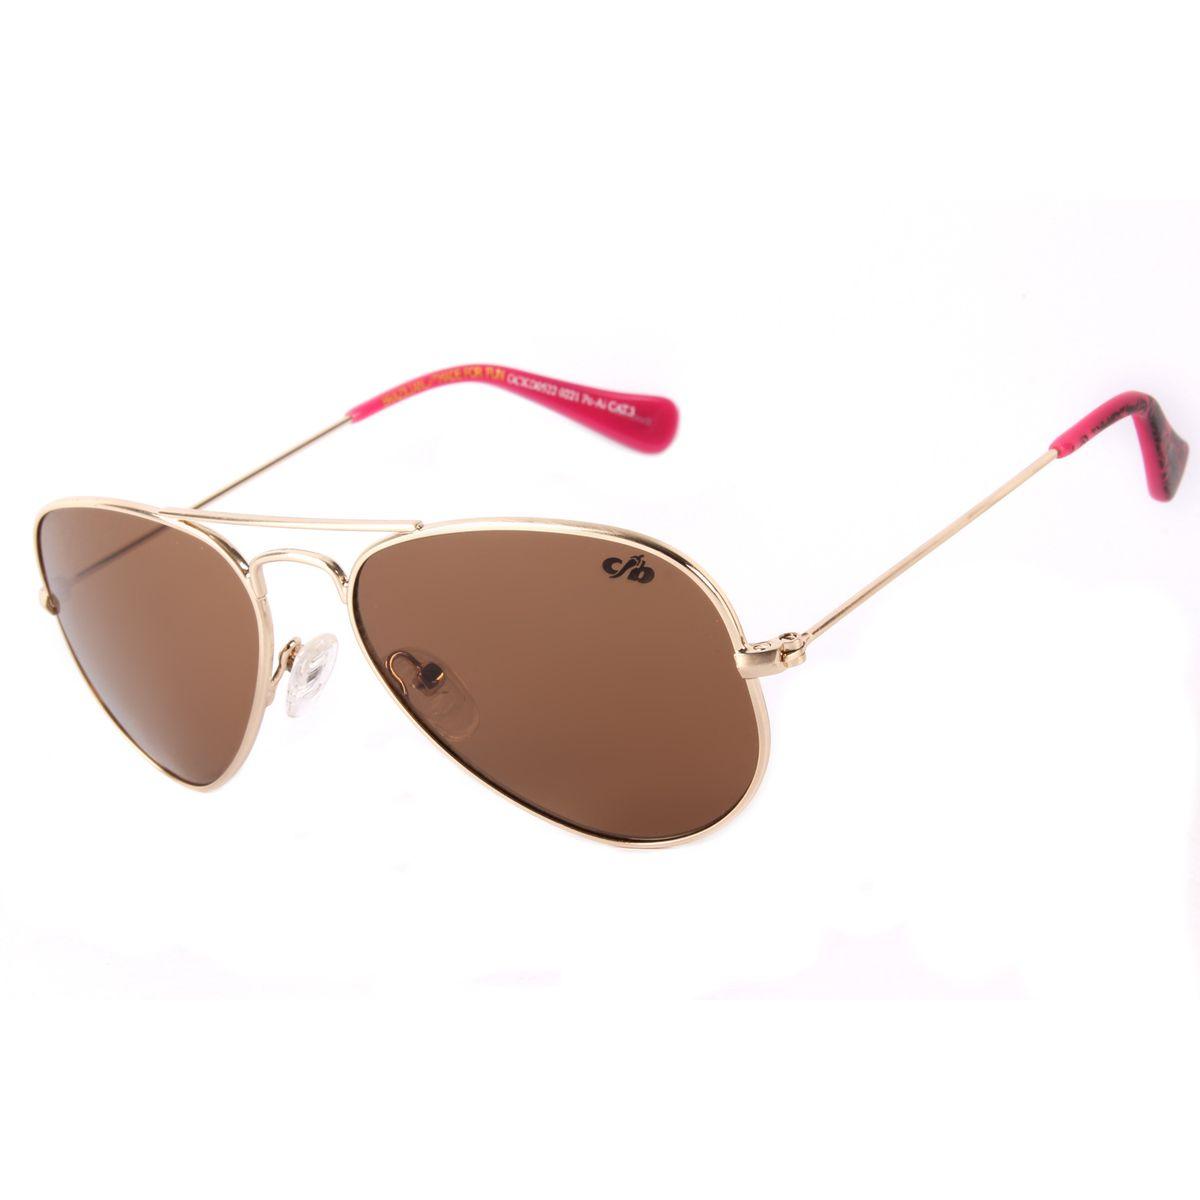 2f0ad3e735aff Óculos de Sol Infantil Rock Fellas Cazuza Marrom 0522 - Chilli Beans